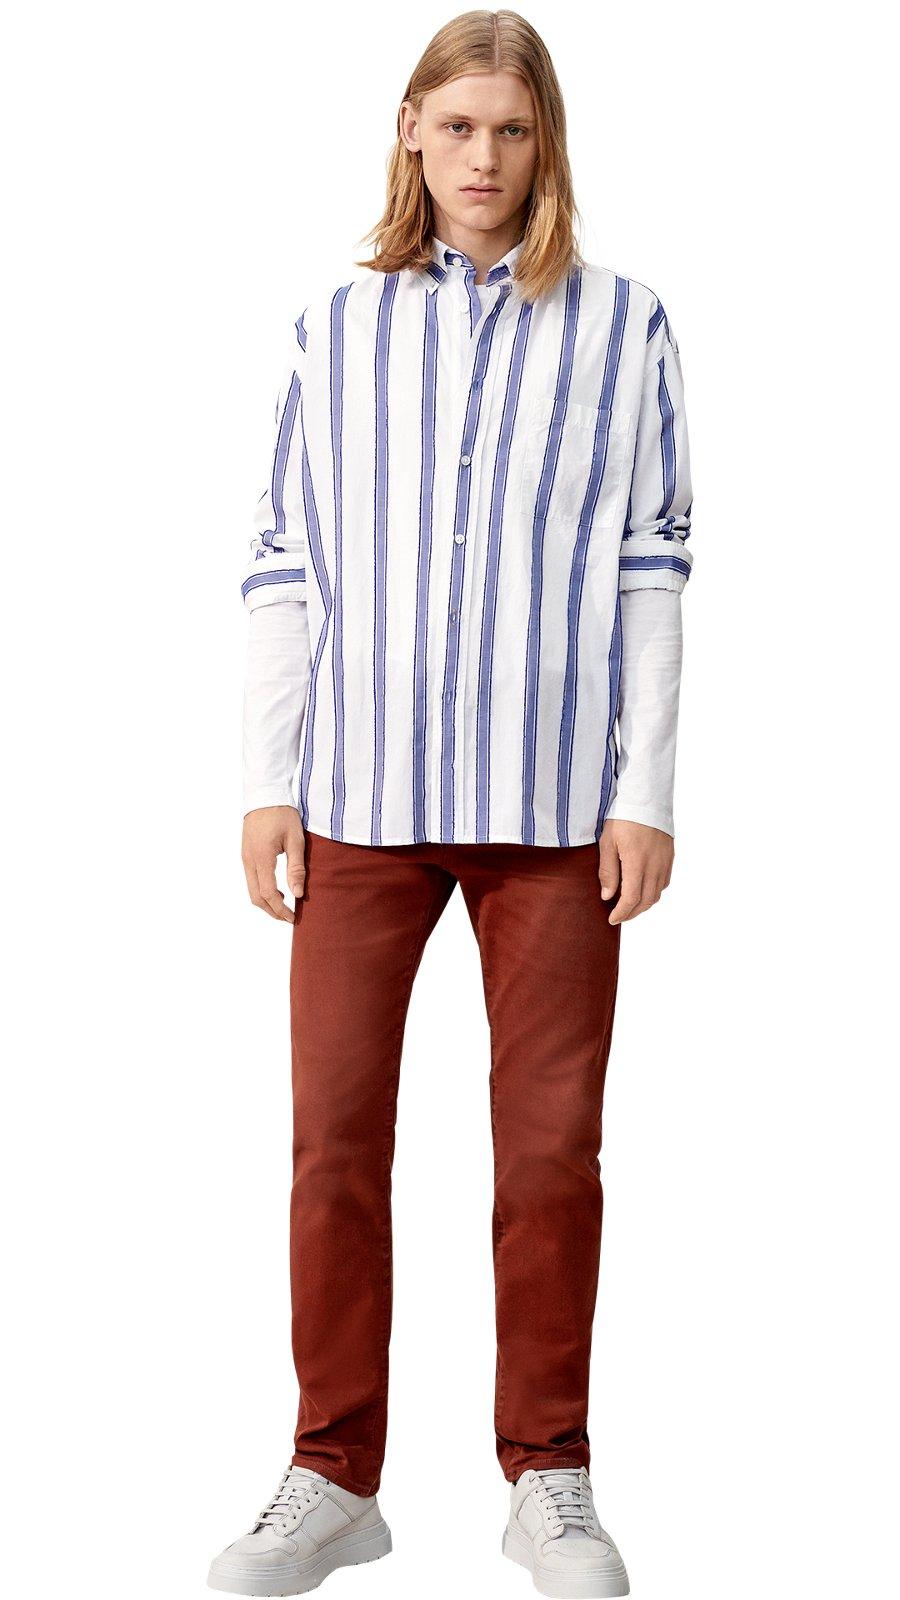 Boss Herrenmode Online Klassische Moderne Kleidung Fur Herren